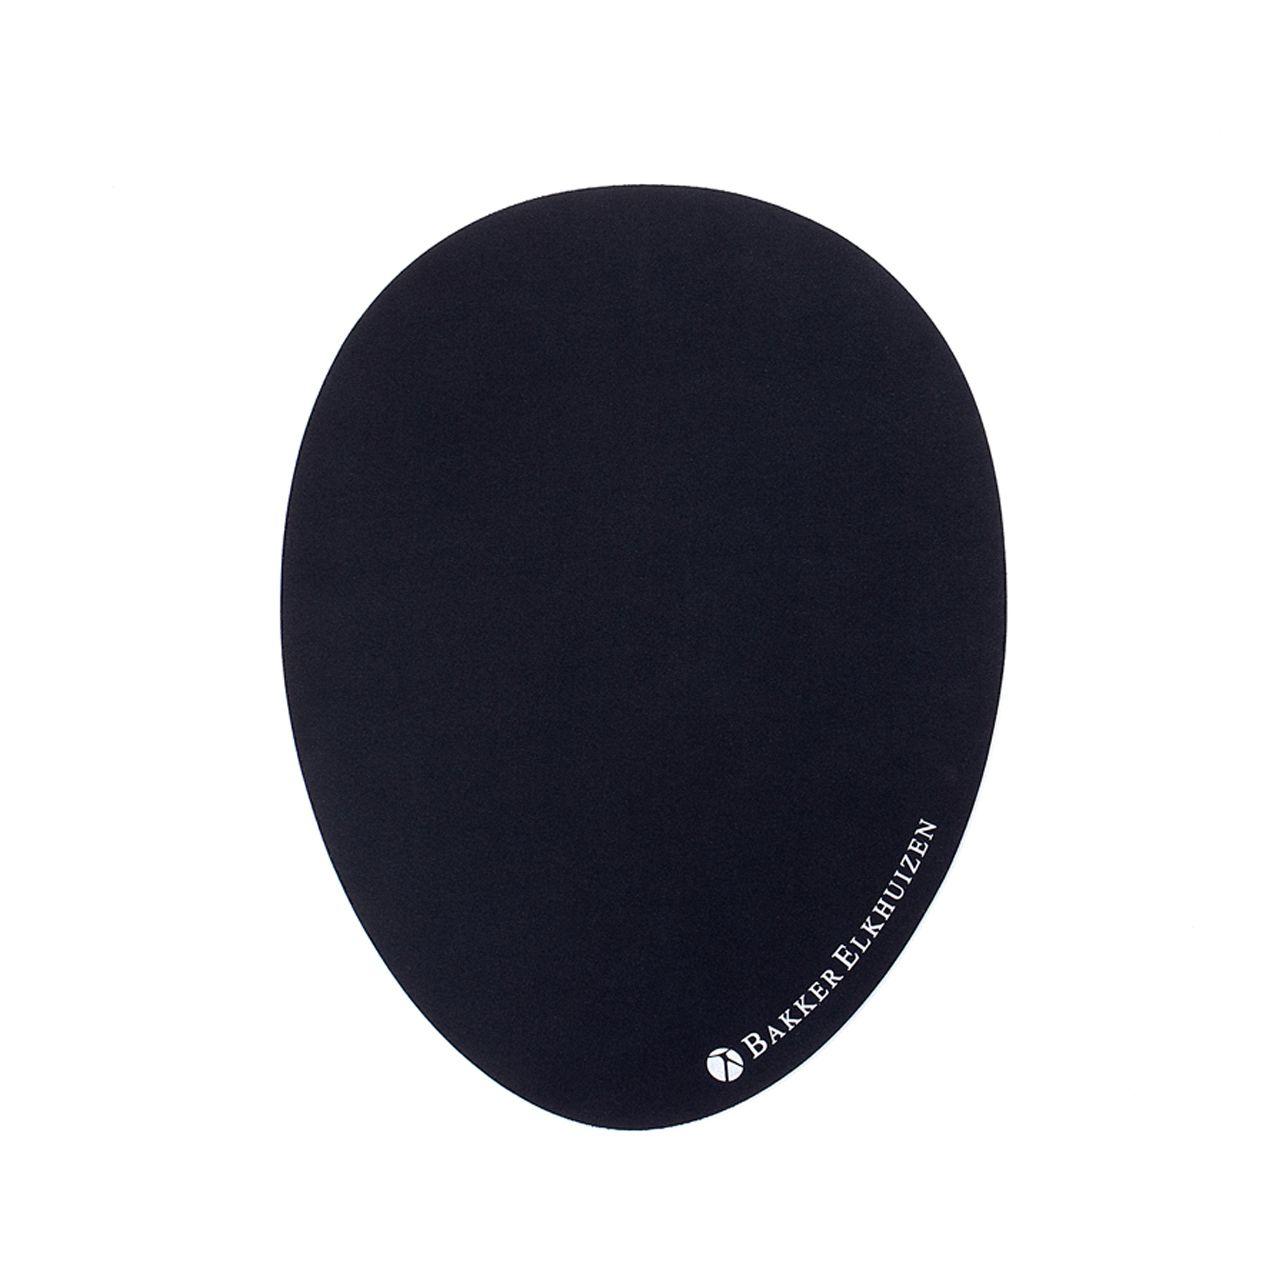 the egg mousepad pols en armsteunen ERKAARMON01 The Egg